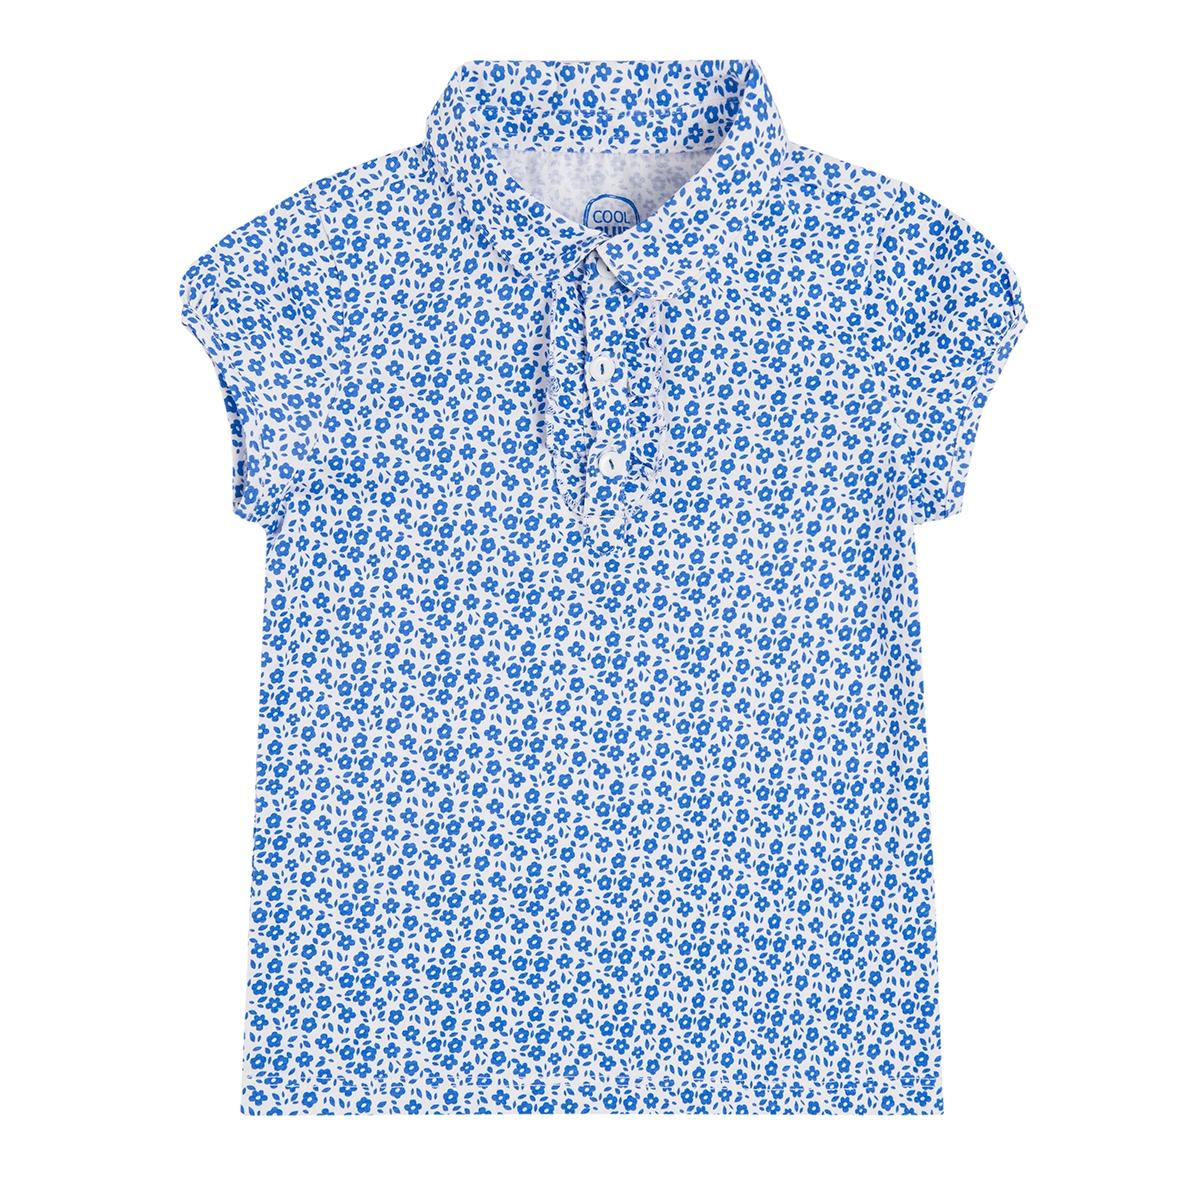 Bluse für Mädchen